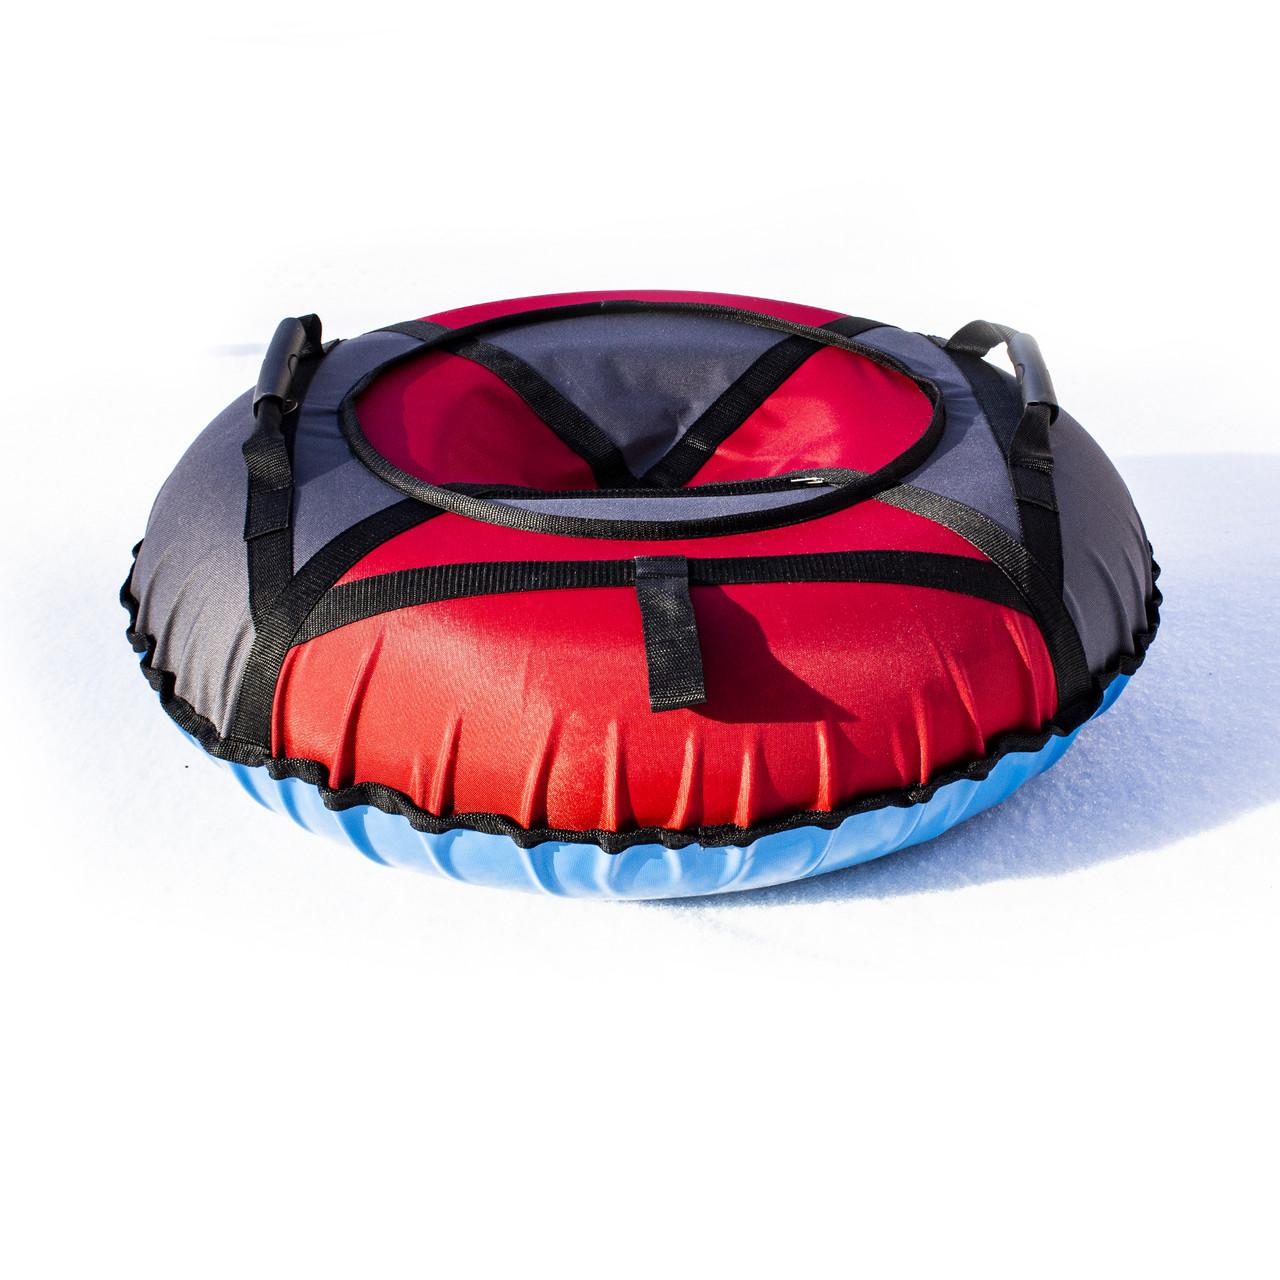 Тюбинг надувные санки ватрушка d 100 см серия Прокат Усиленная Красный Stone для детей и взрослых